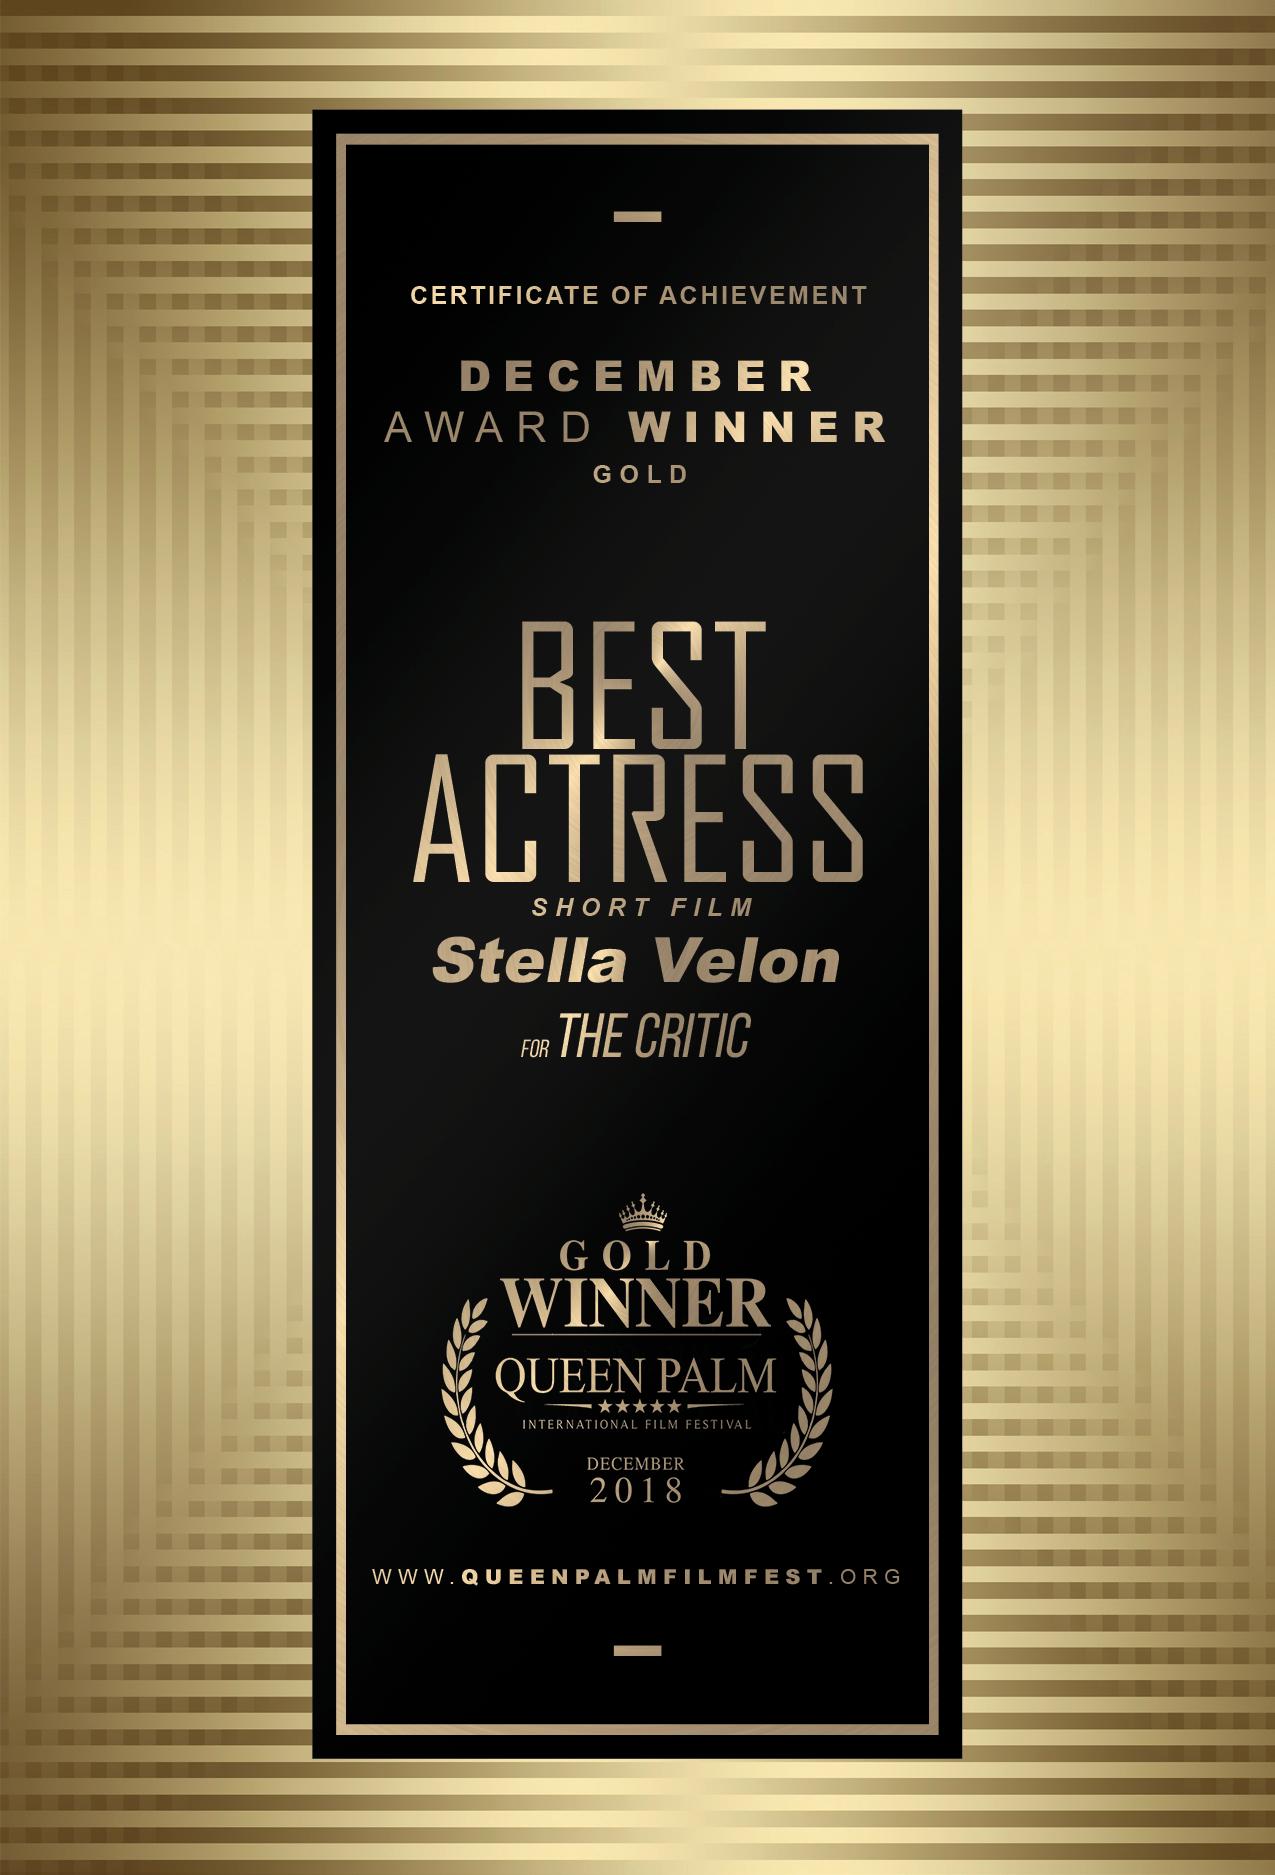 https://www.queenpalmfilmfest.org/dec-2018-tech-category-goldwinners